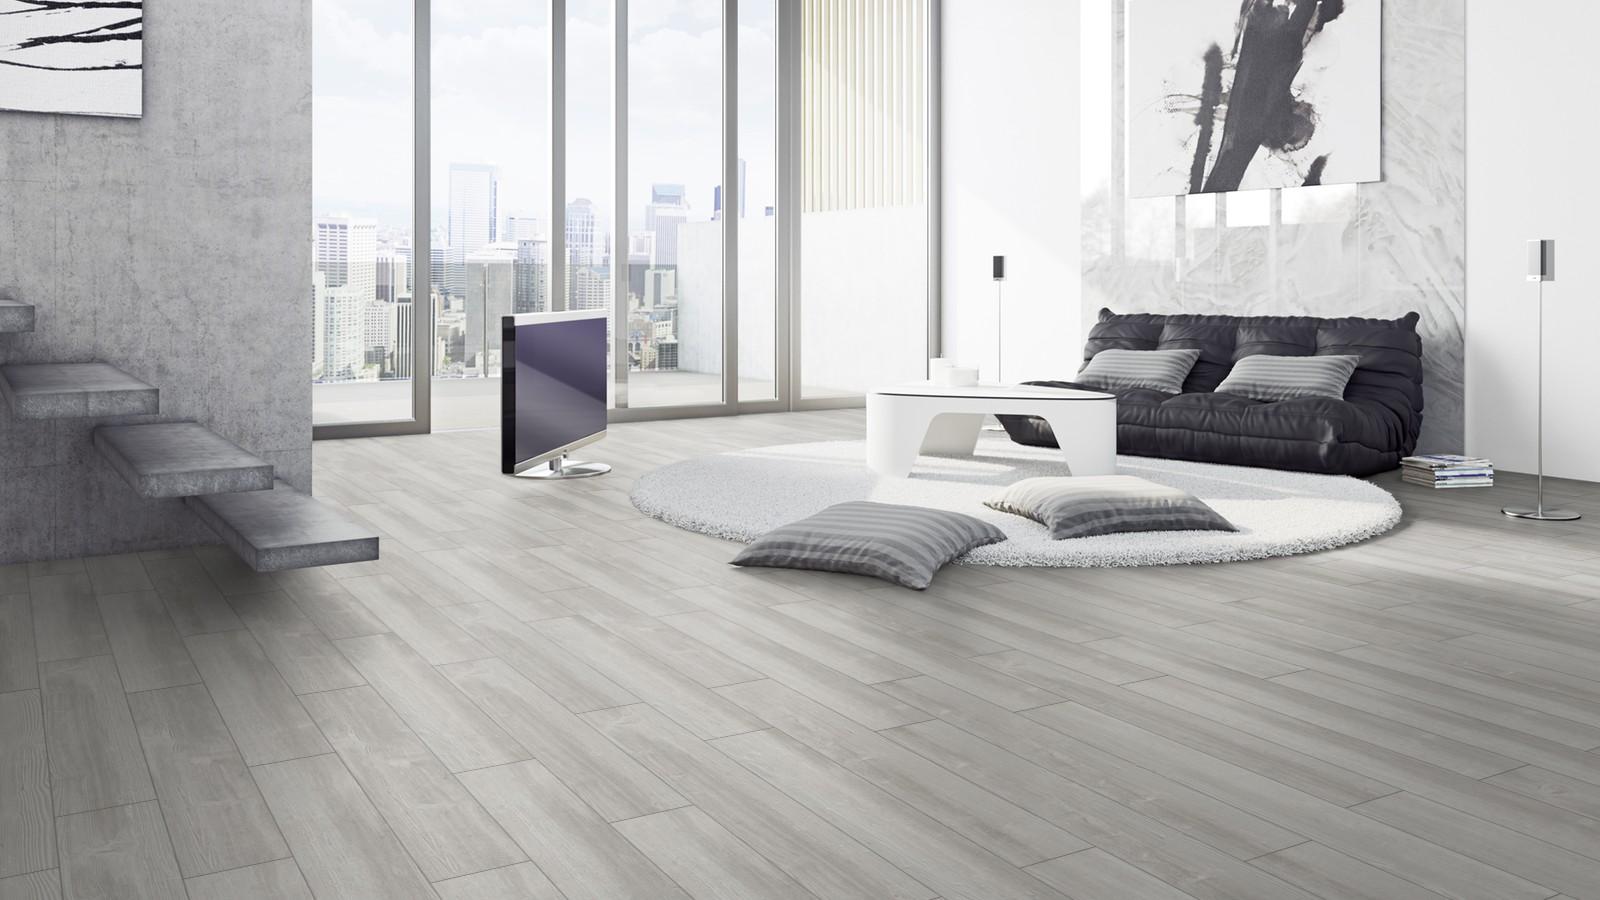 suelo laminado city line de ter hurne cemento wood gris blanco pavimentos arquiservi